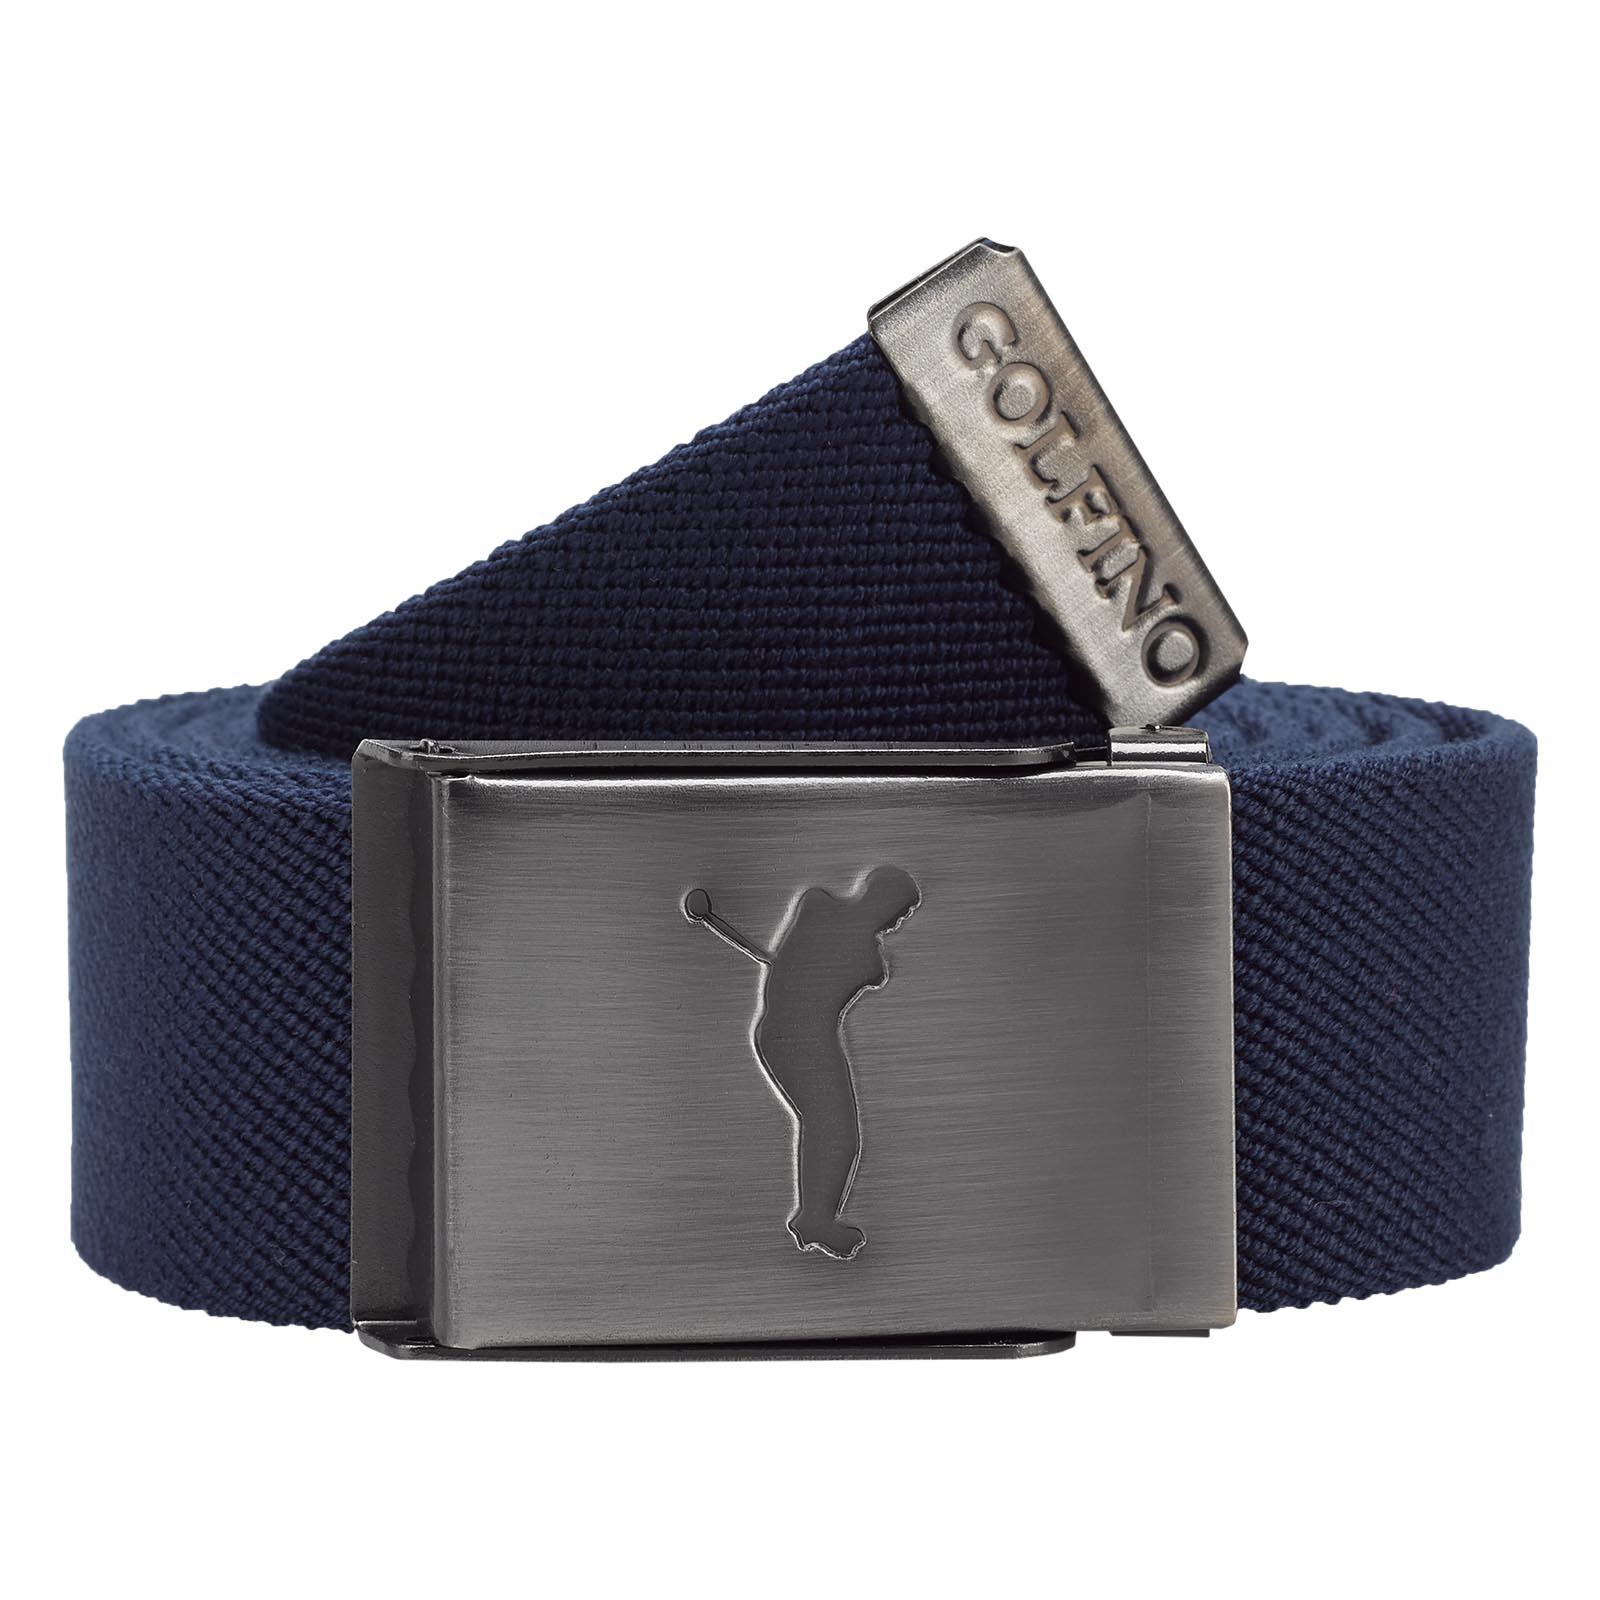 Gestreifter Herren Golf-Wendegürtel mit nickelfreier Klemm-Schnalle